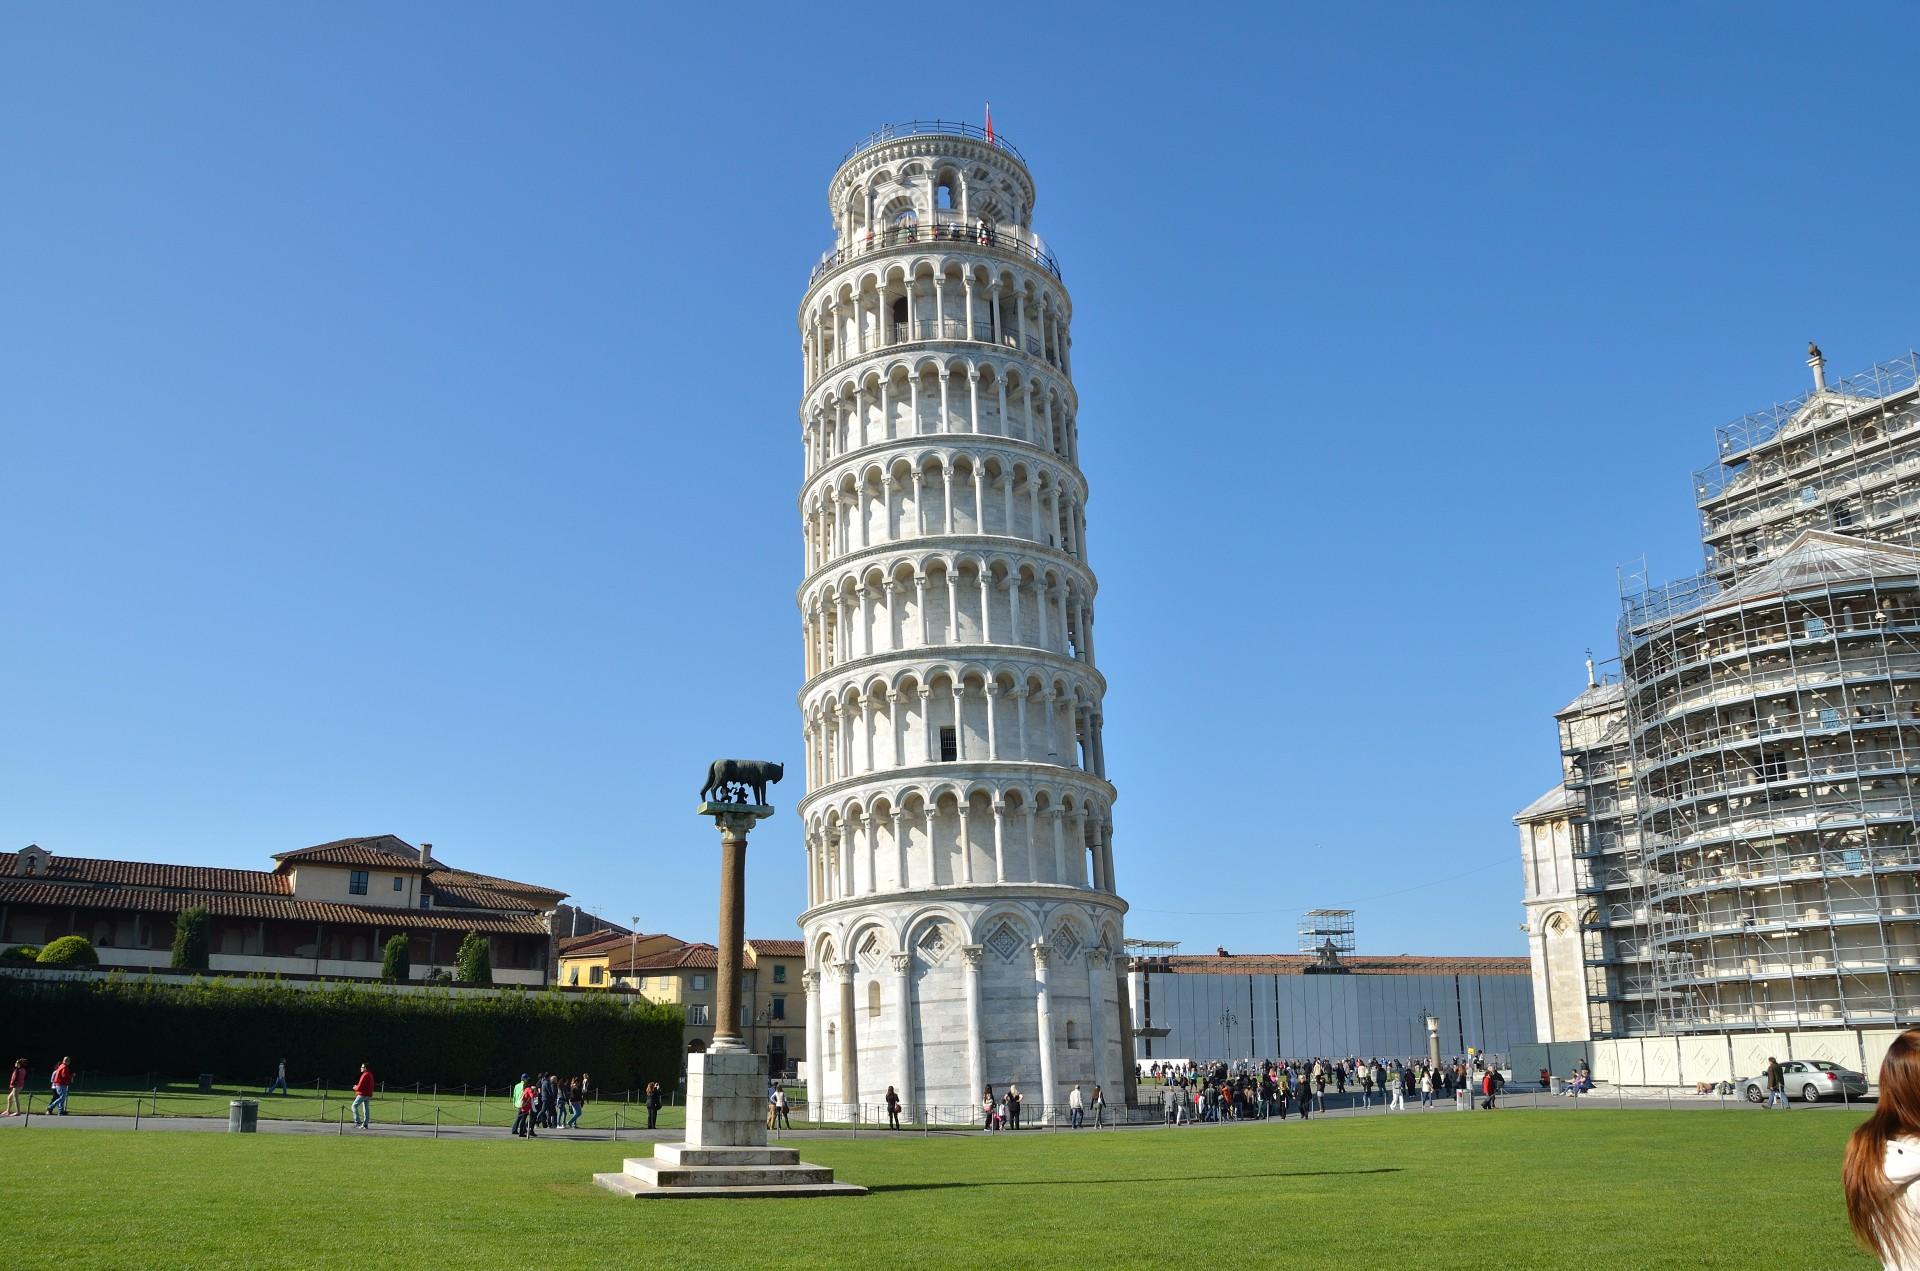 Hành trình khám phá Châu Âu 10N9Đ - Tháp nghiêng Pisa